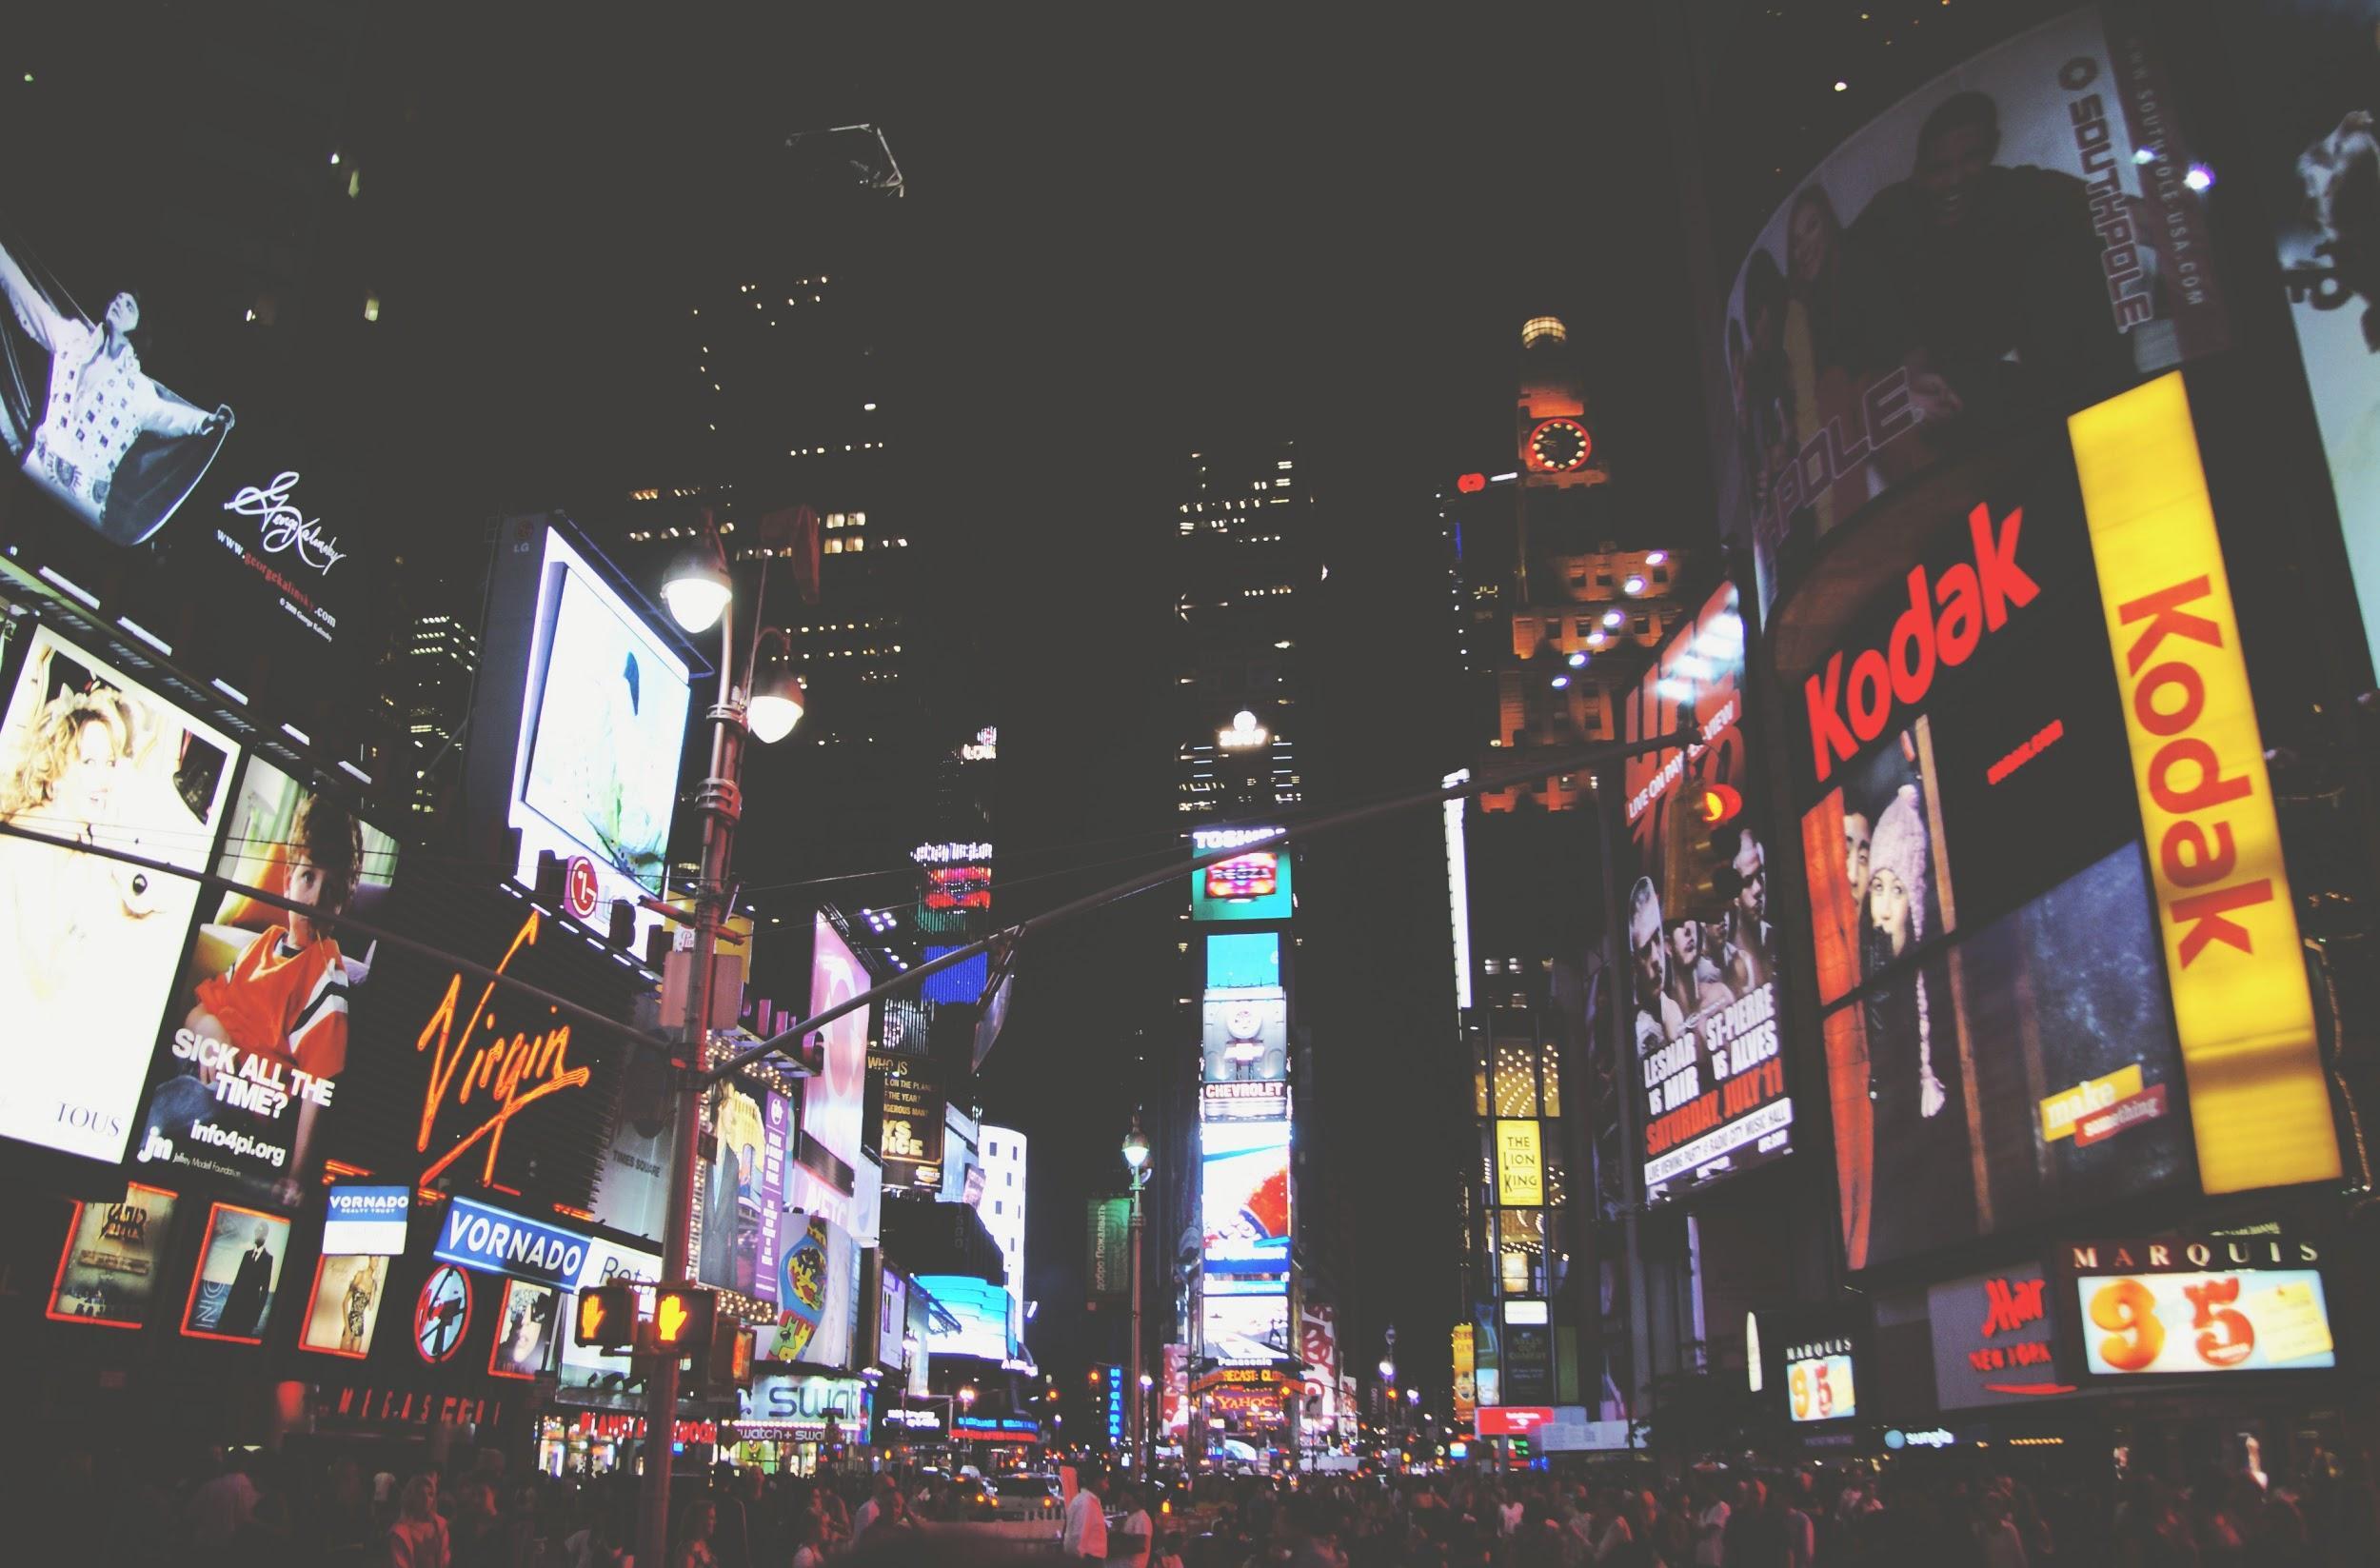 Imagem da Time Square com vários tipos de anúncio